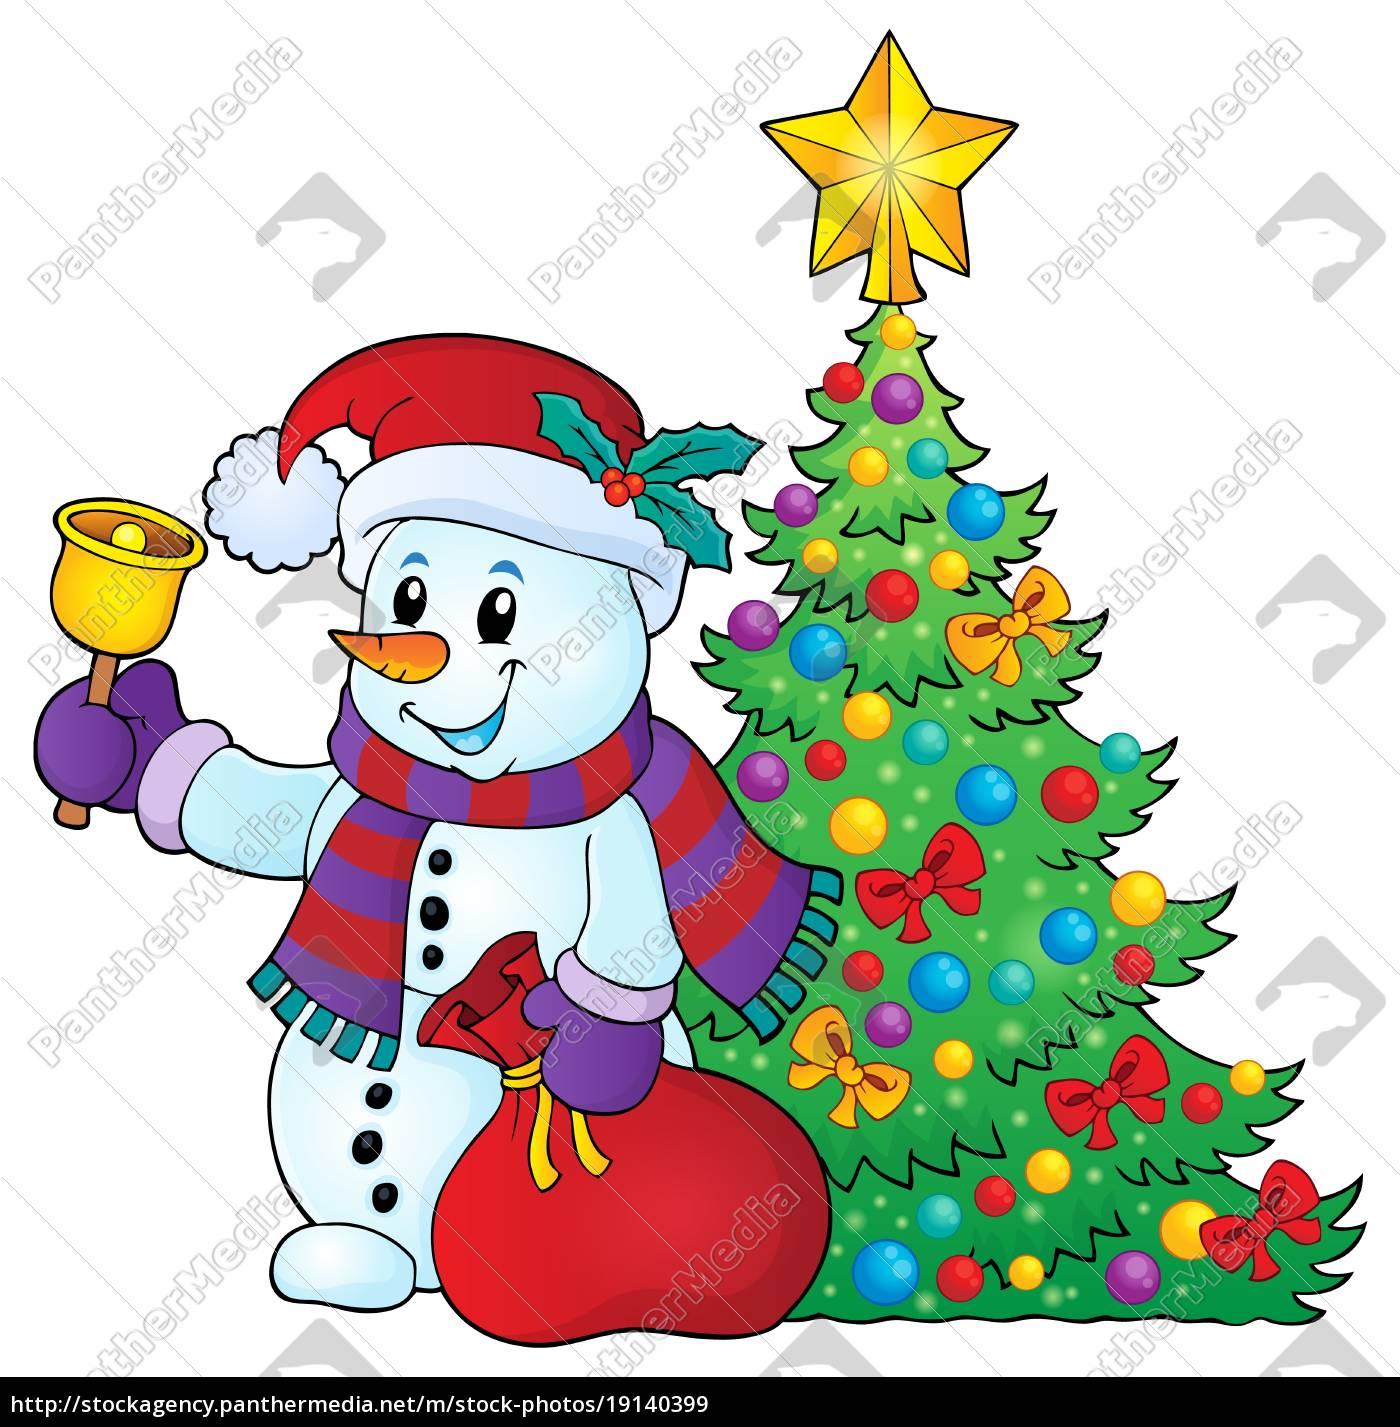 weihnachten schneemann thema bild 3 - Stockfoto - #19140399 ...